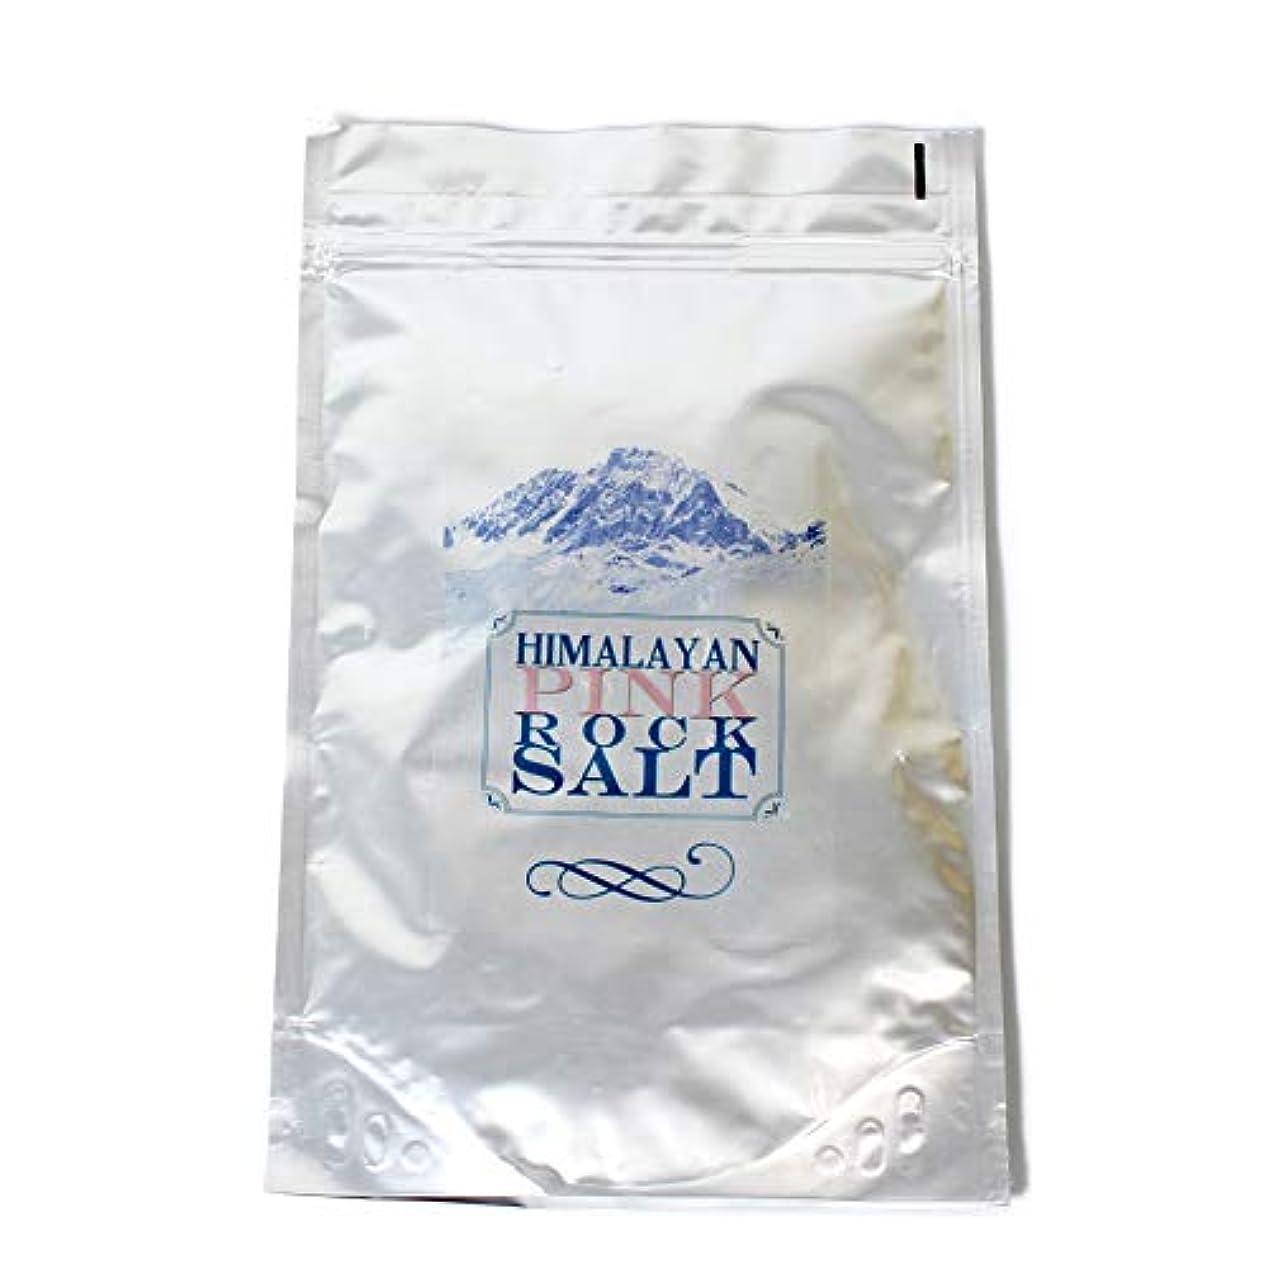 論争の的急流発疹Himalayan Pink Rock Salt - 1Kg